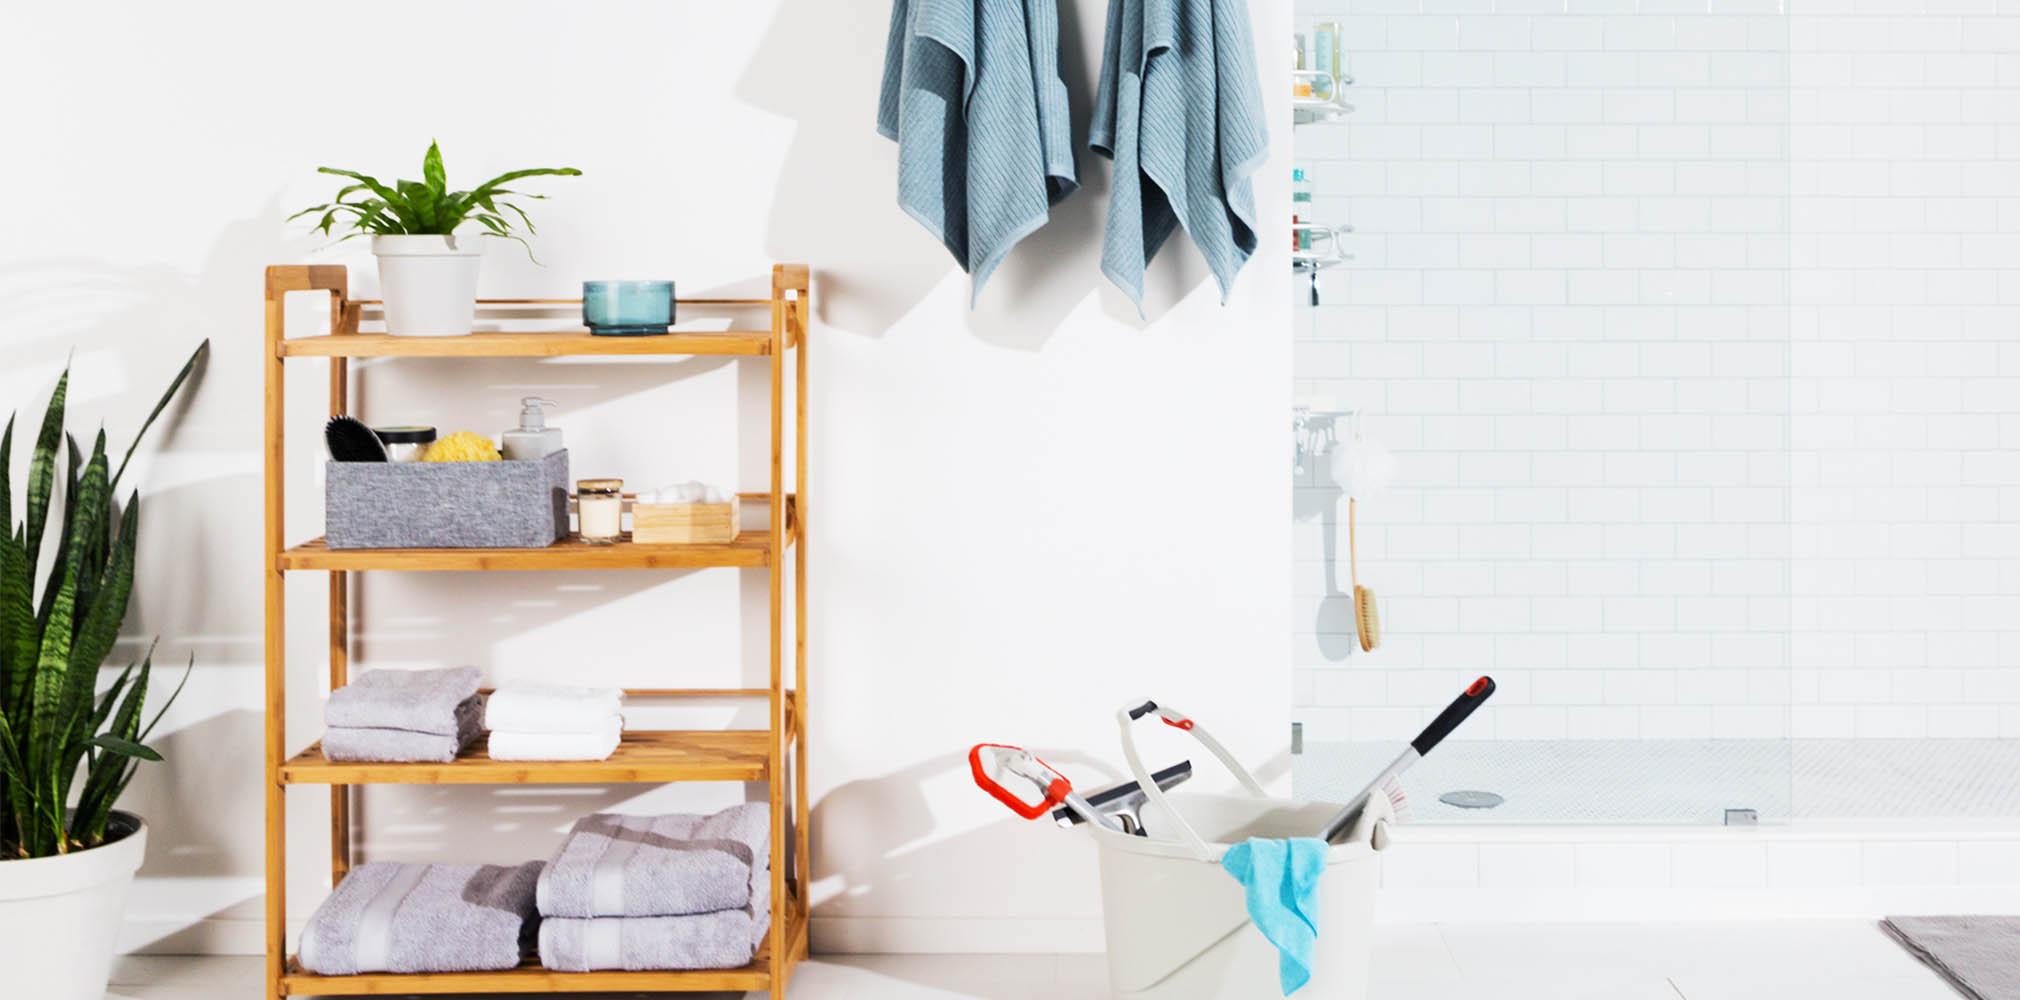 Badkameraccessoires voor ieder huis